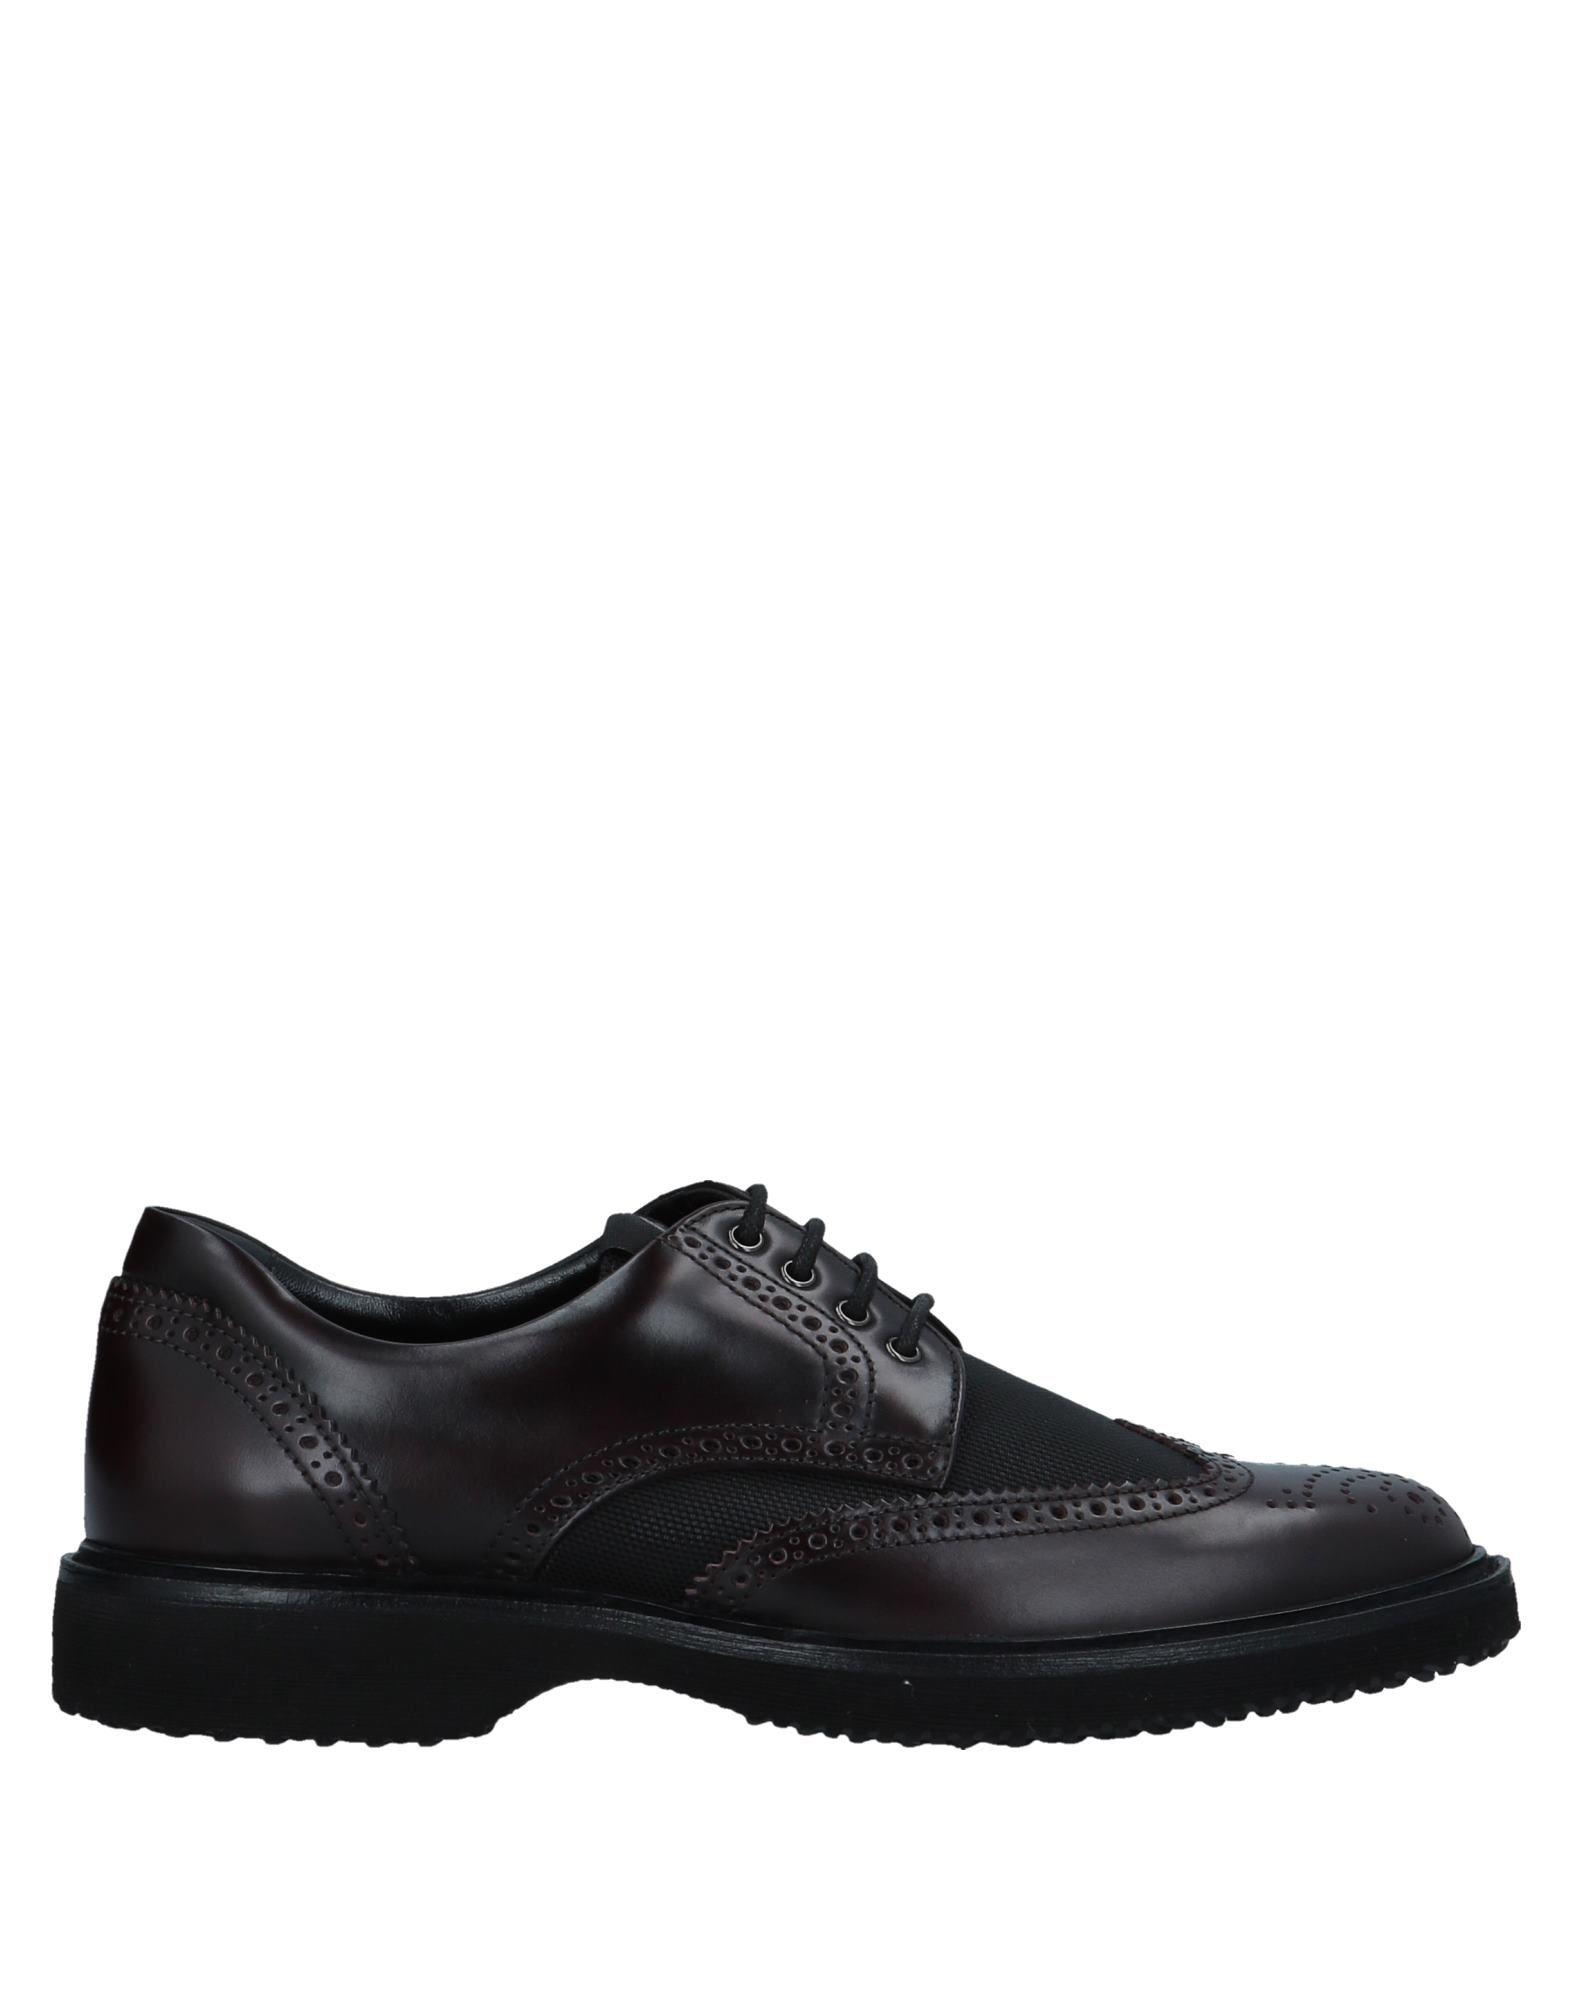 Hogan Schnürschuhe Herren  11541401TO Gute Qualität beliebte Schuhe